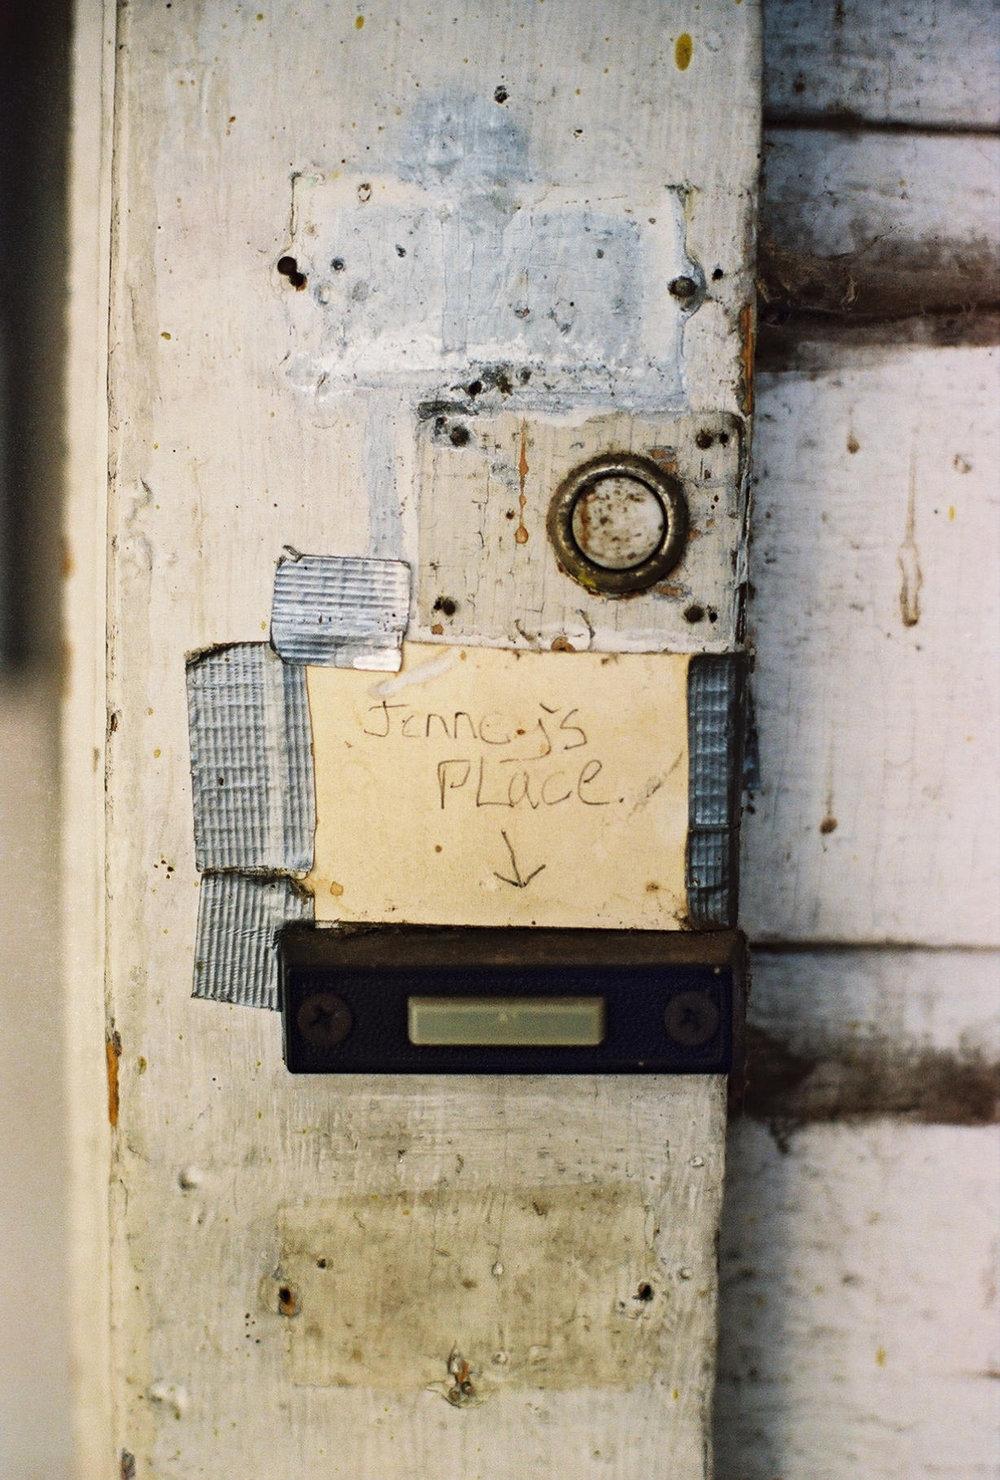 Jenny's Place.jpg